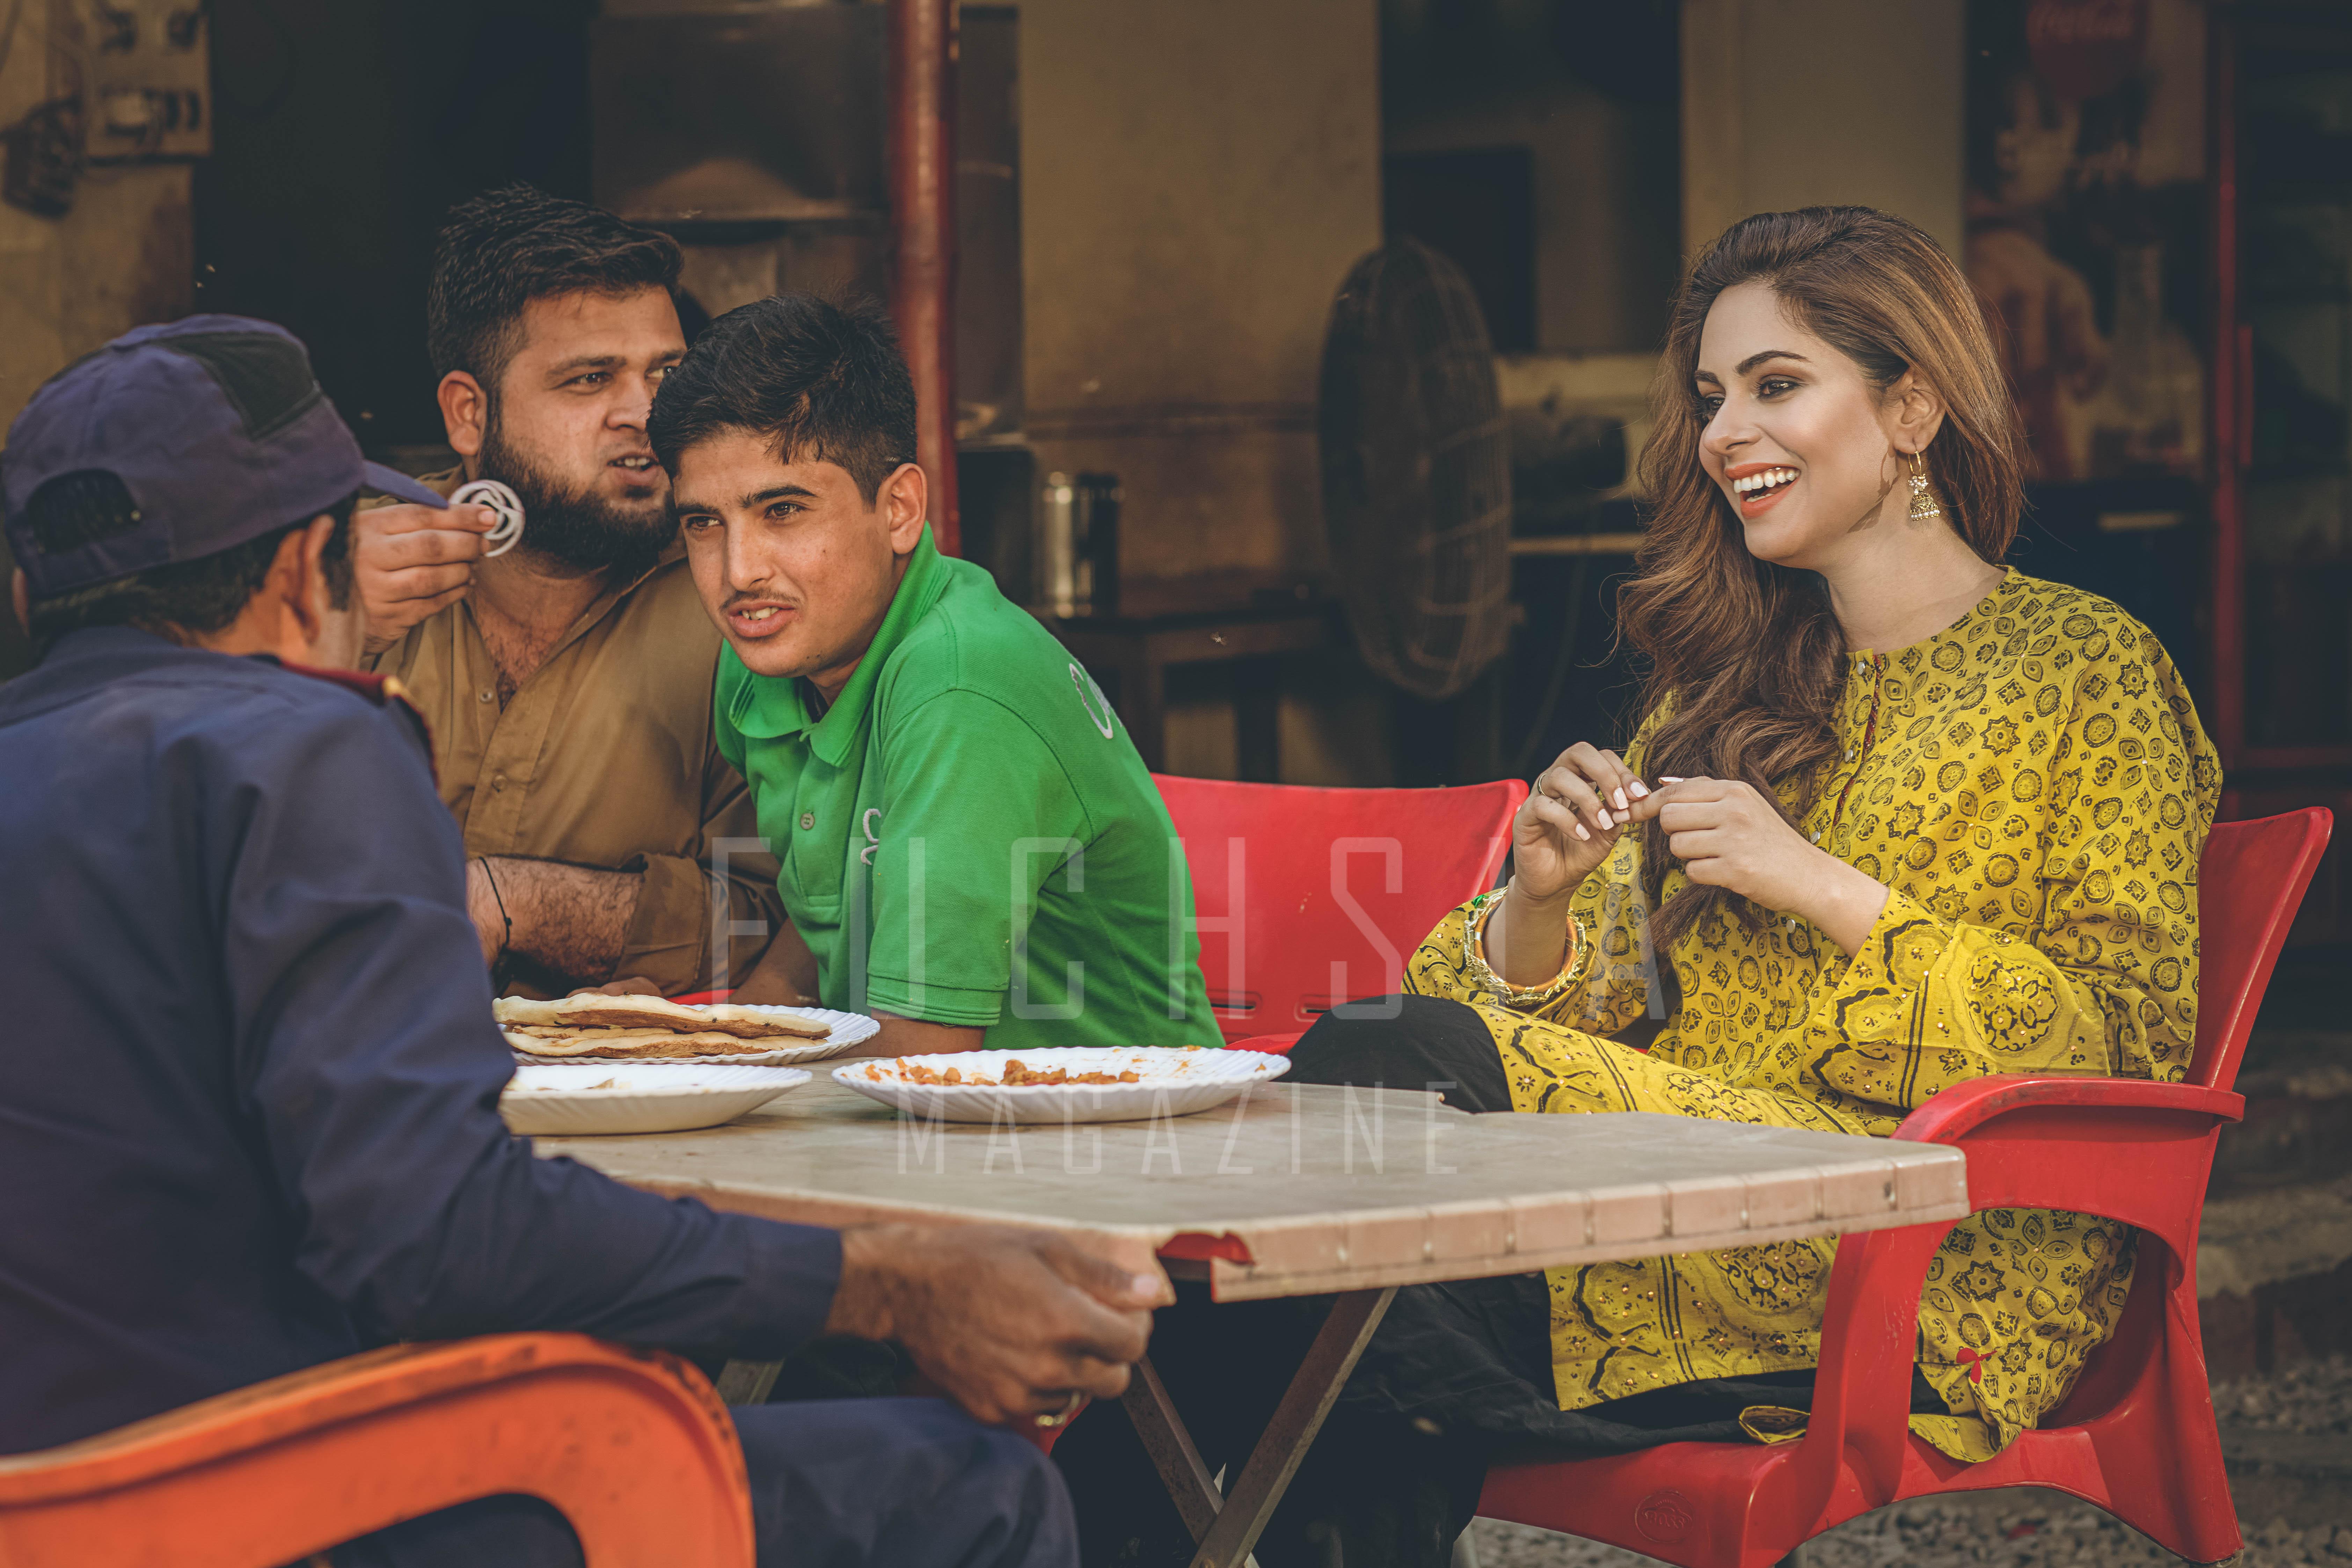 ajrak kurta, ajrak shirt, pakistani fashion